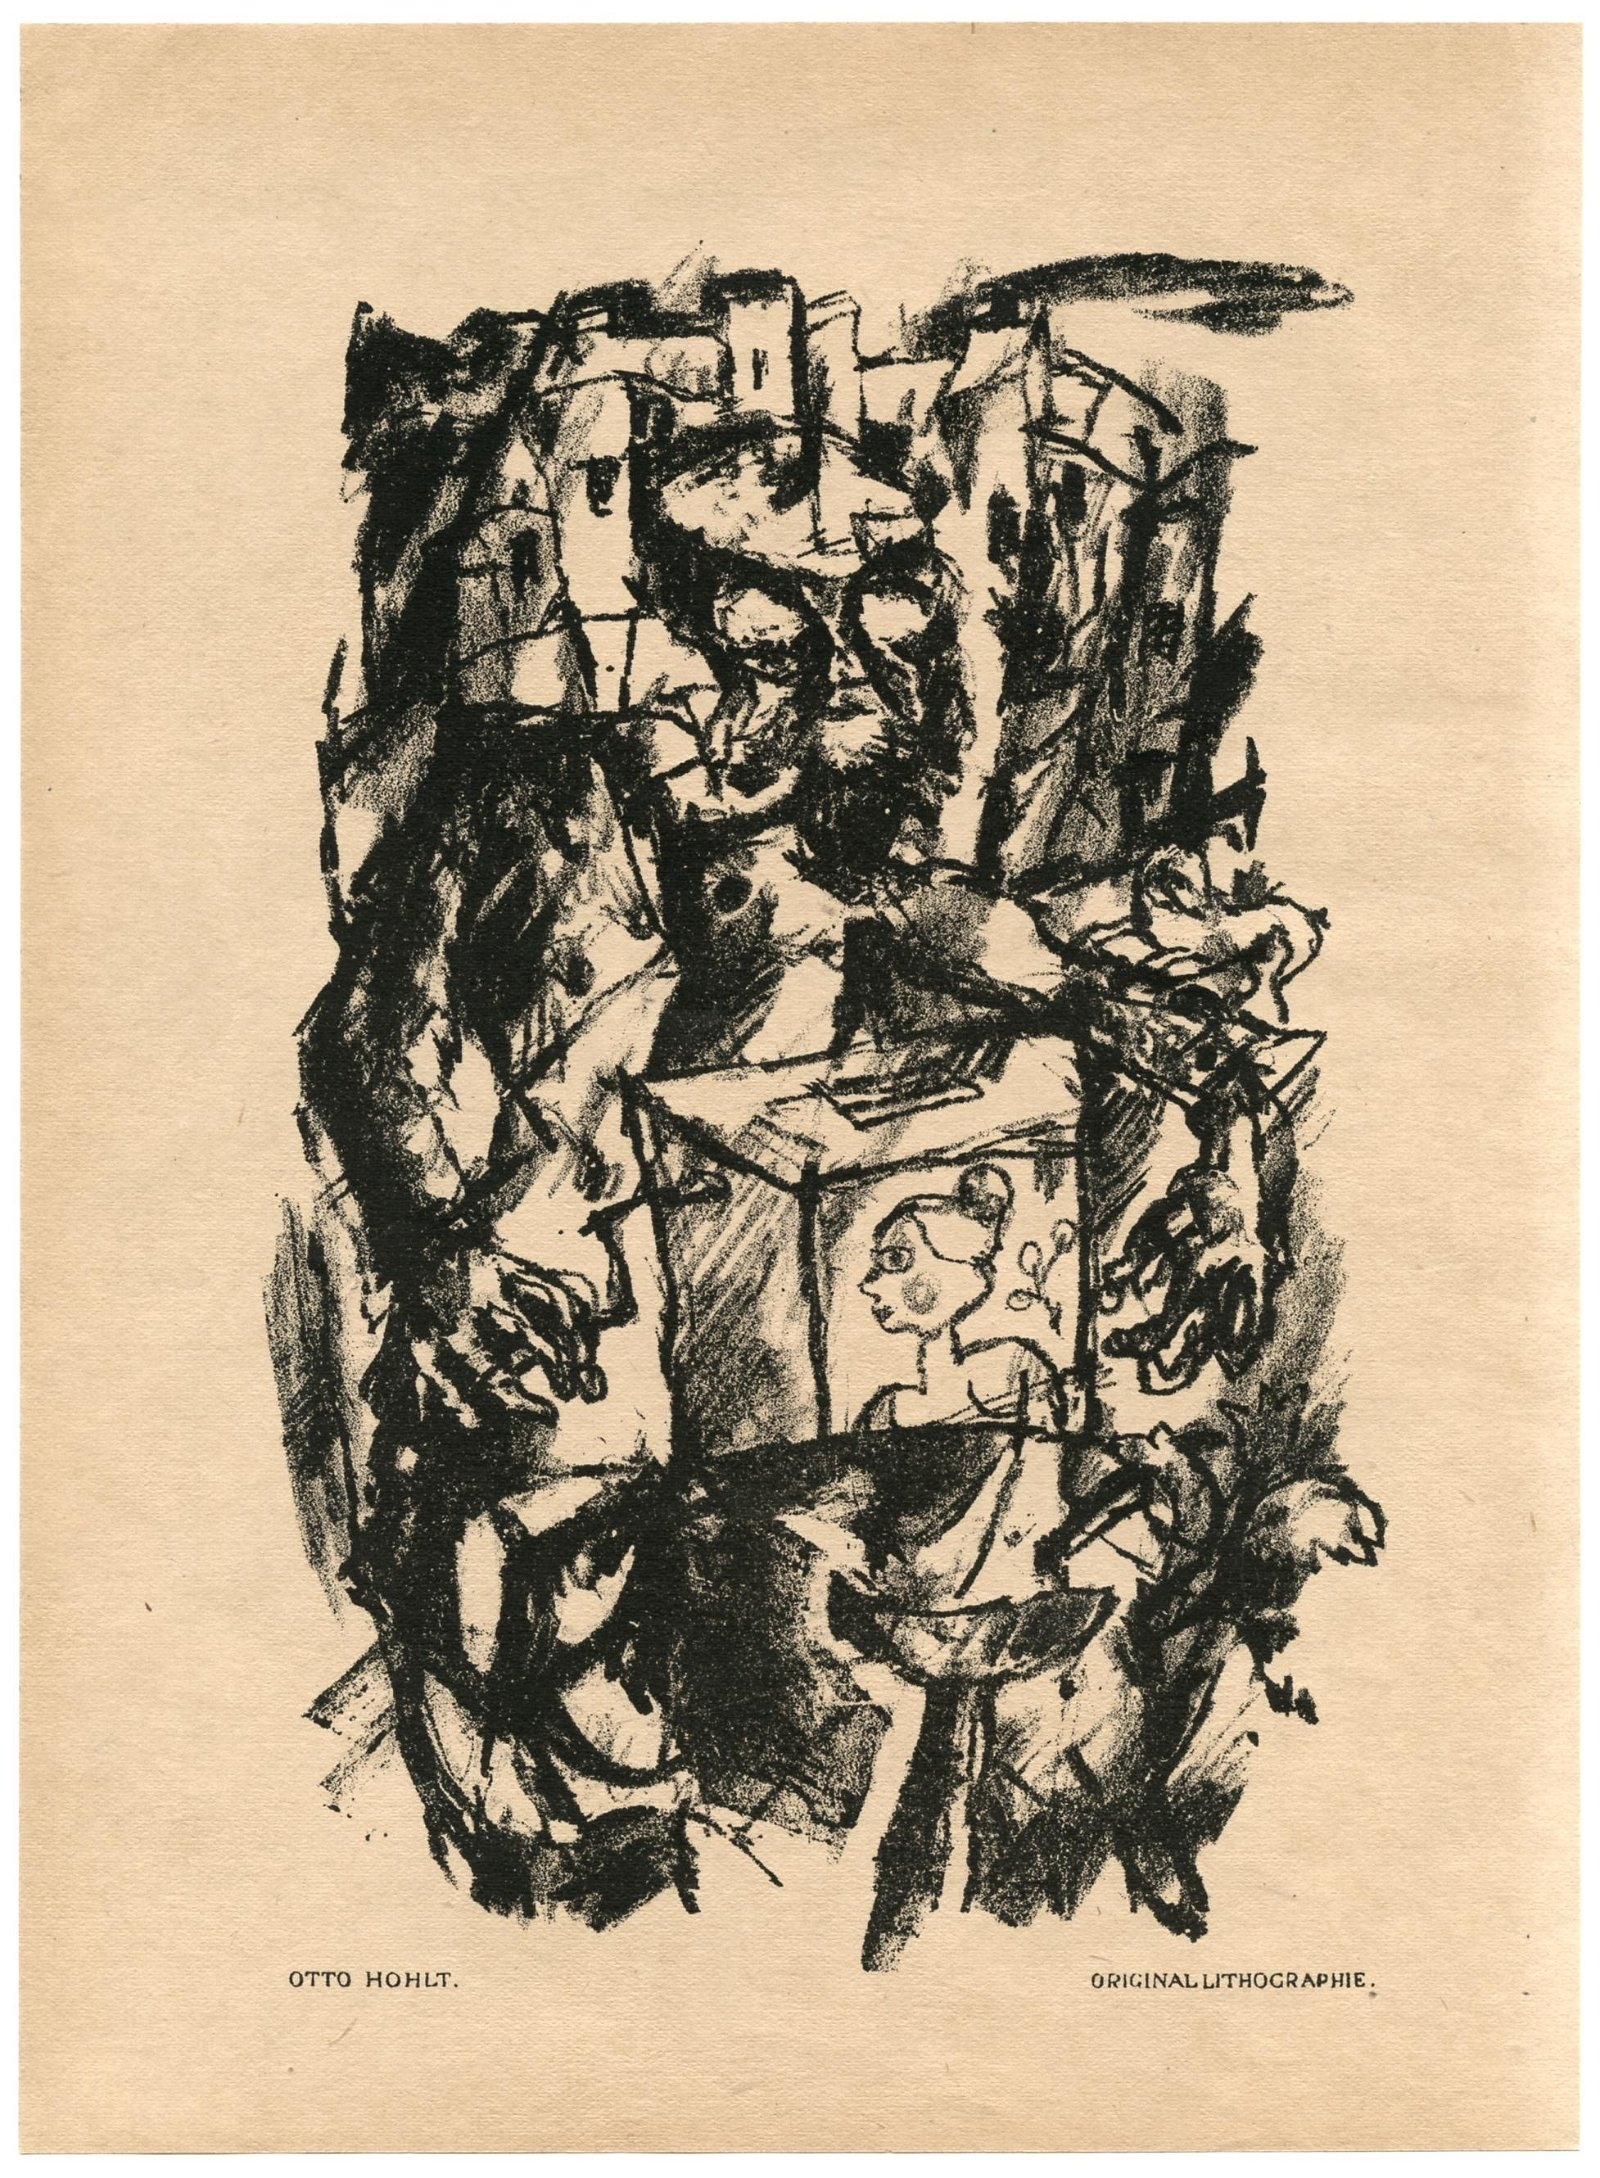 Otto Hohlt original lithograph